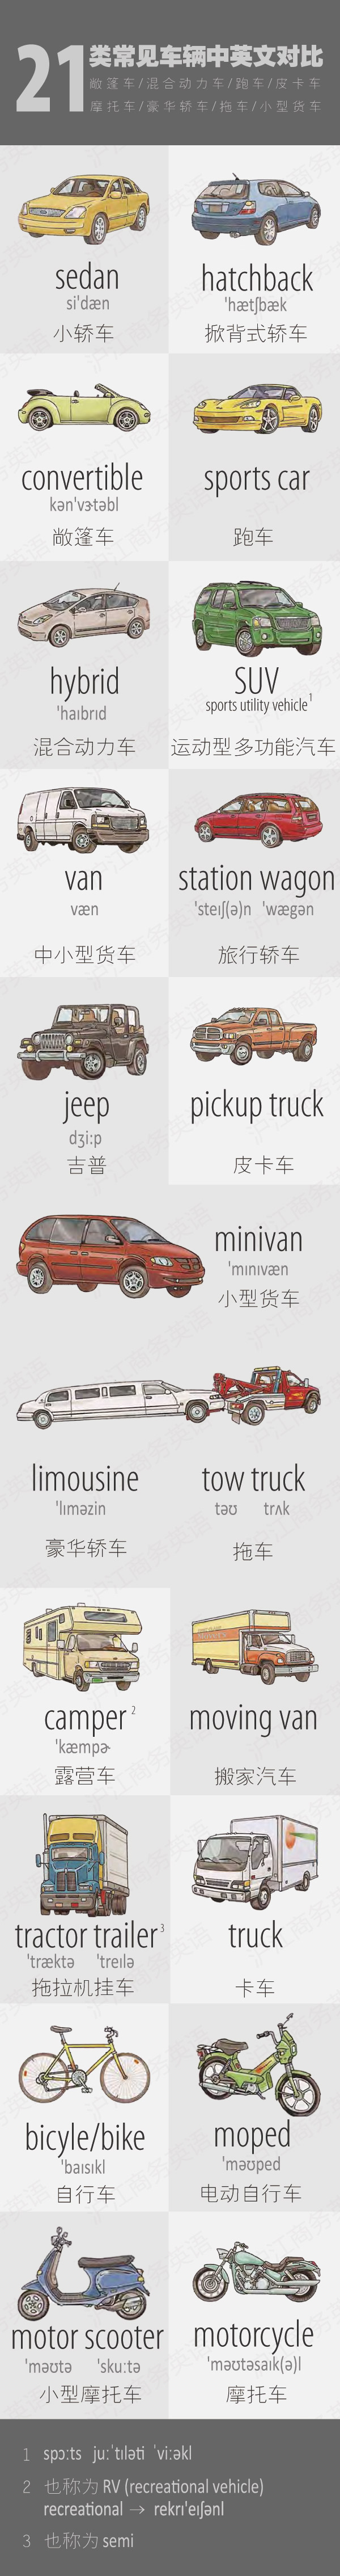 中英图解21种常见车辆